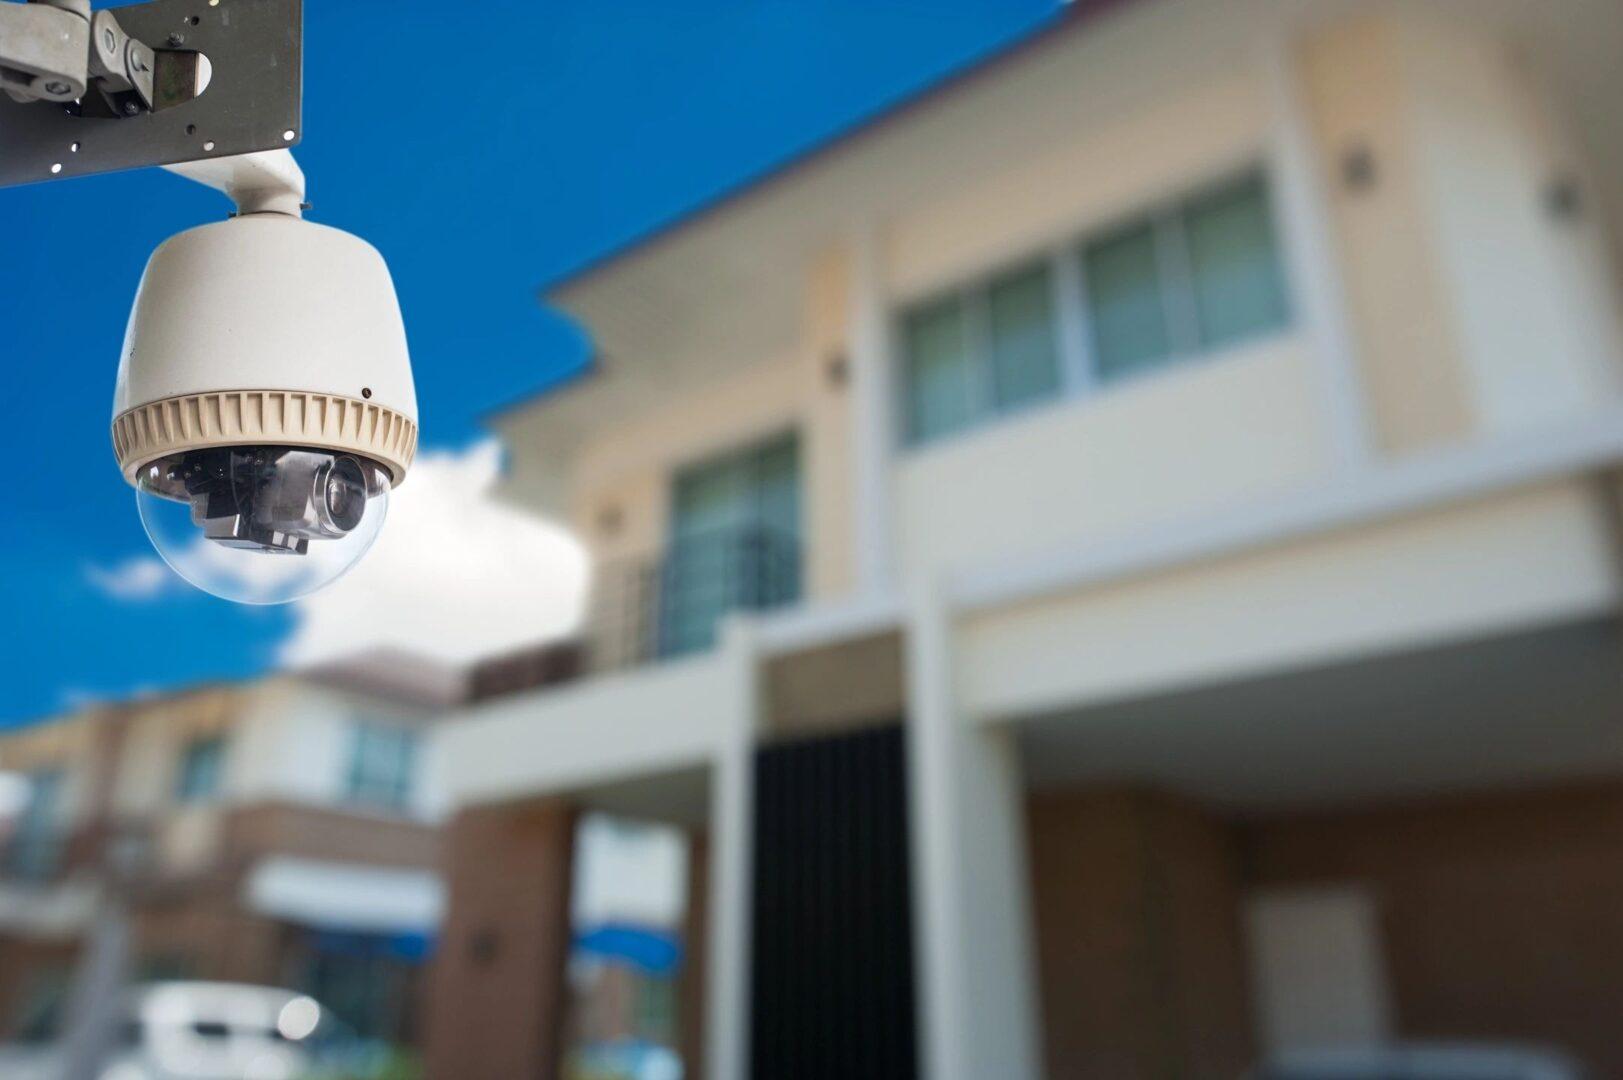 Security Camera Corporation